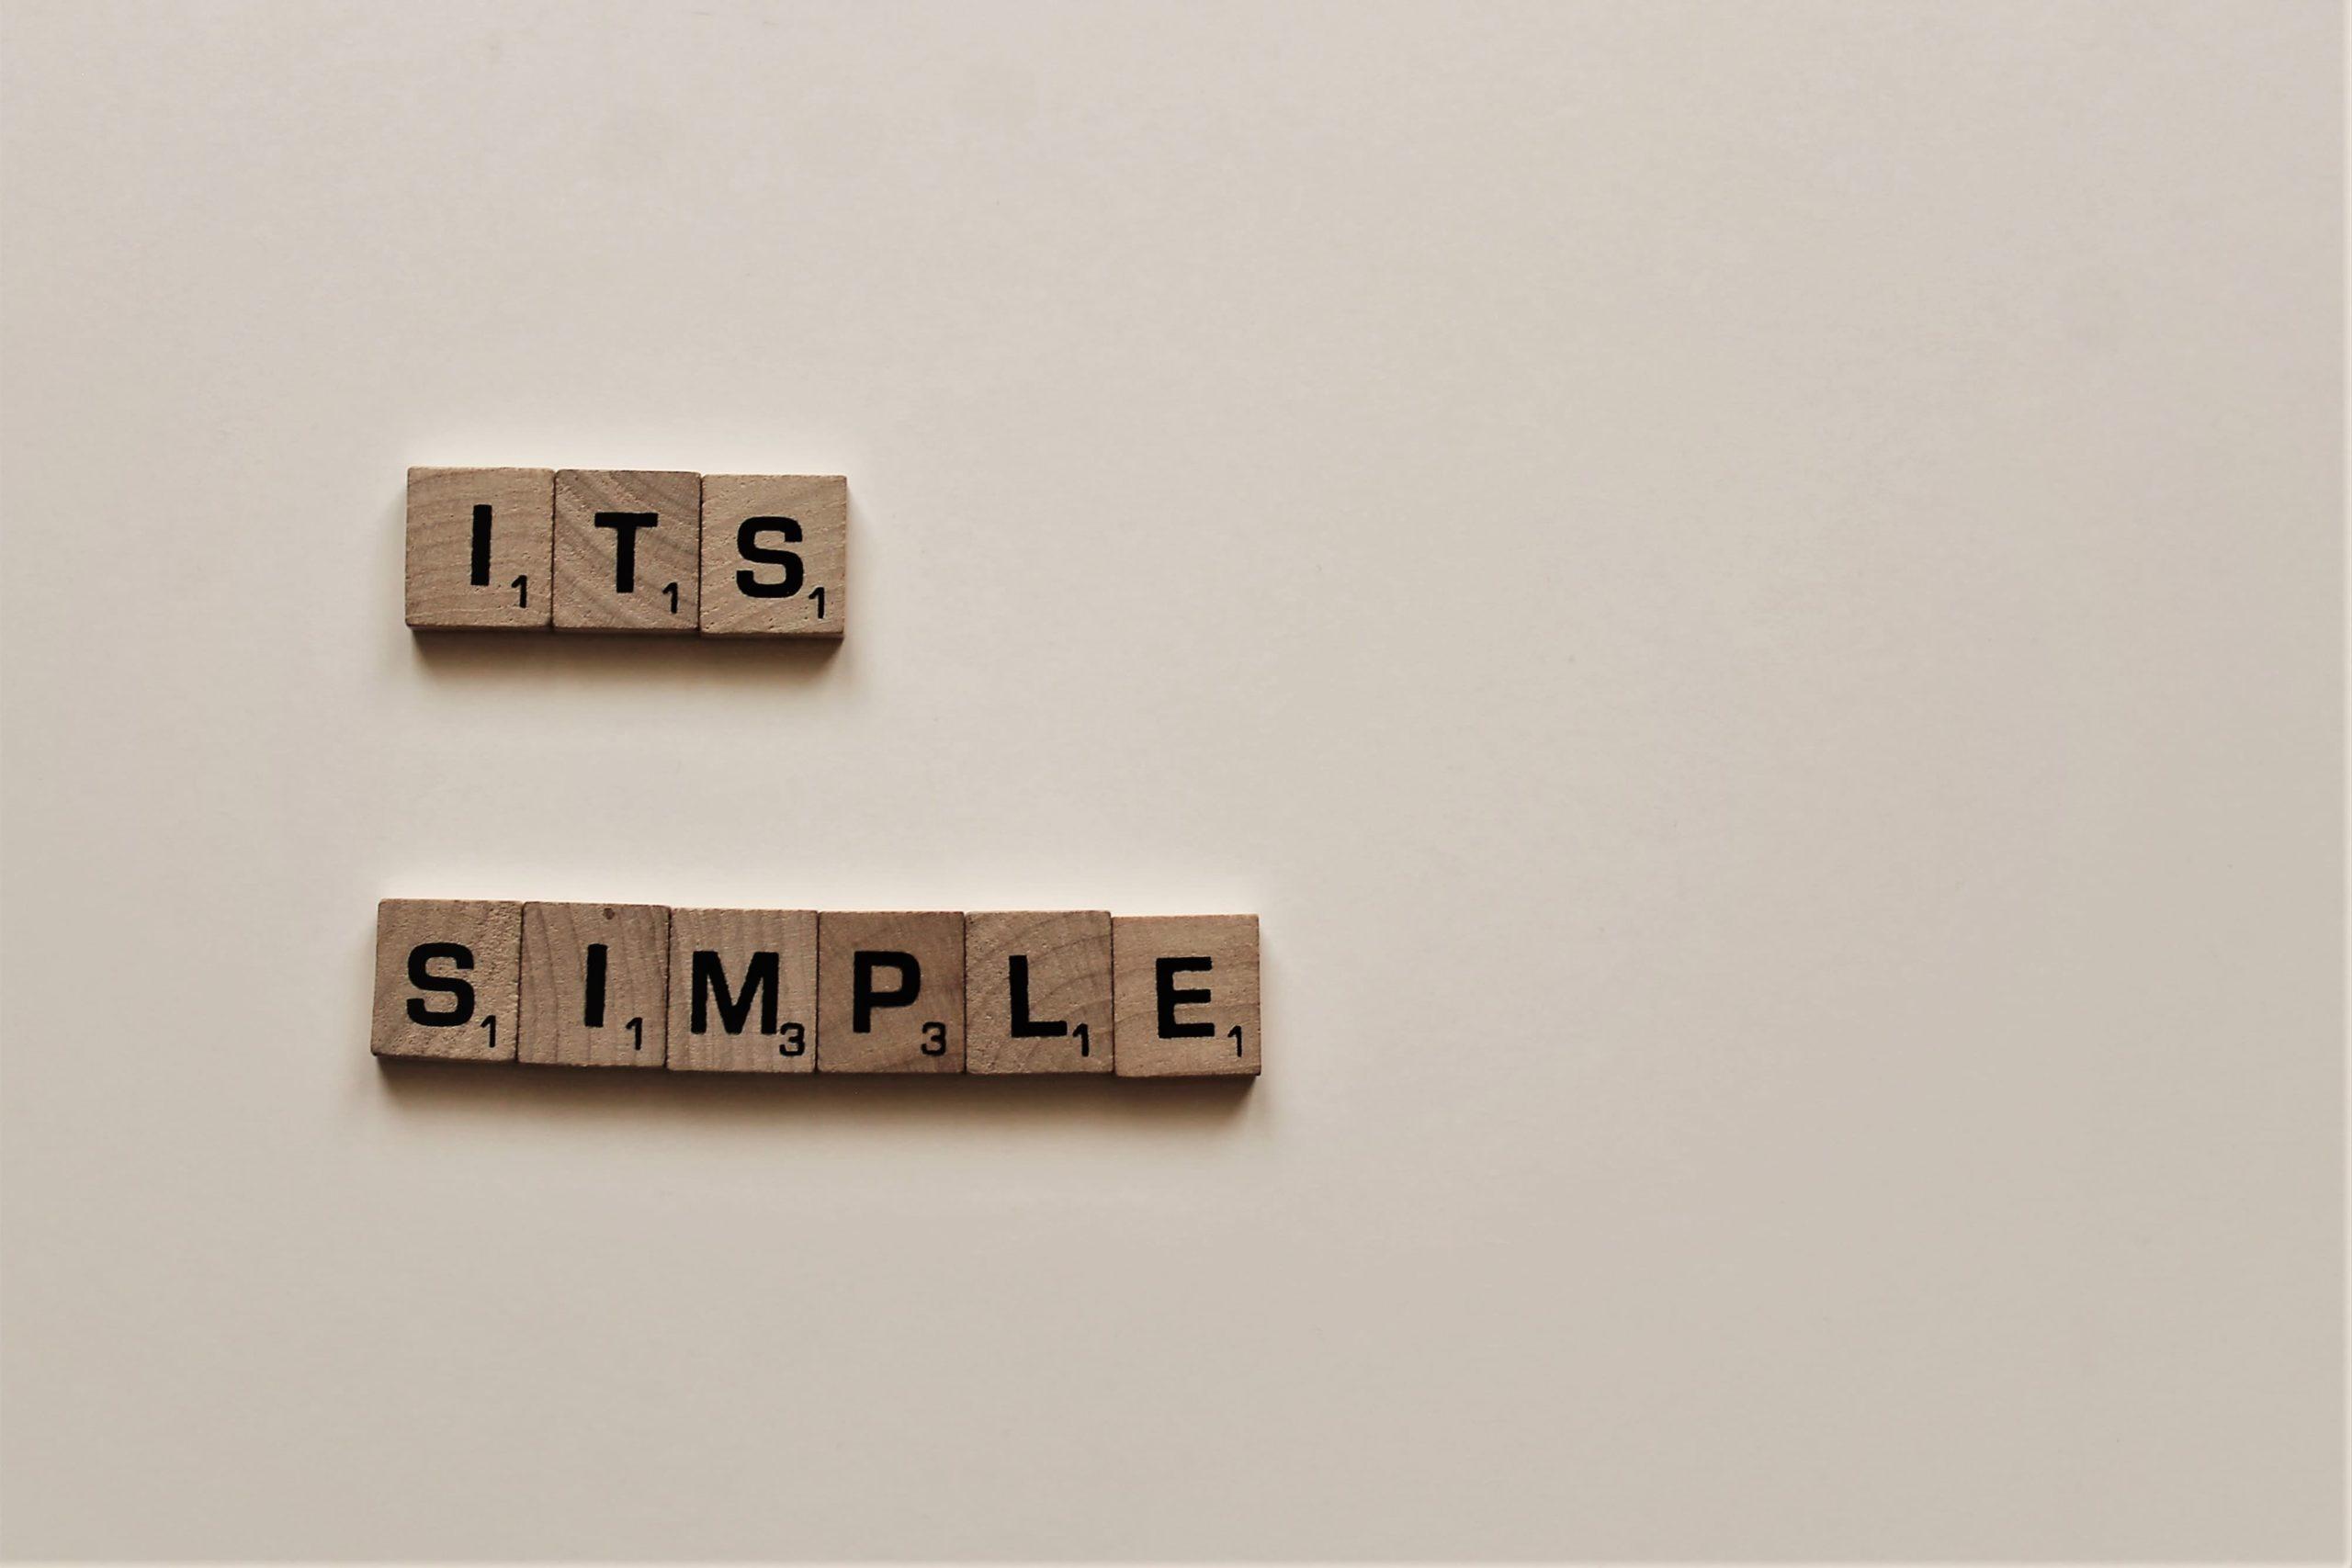 シンプルと書かれた積み木